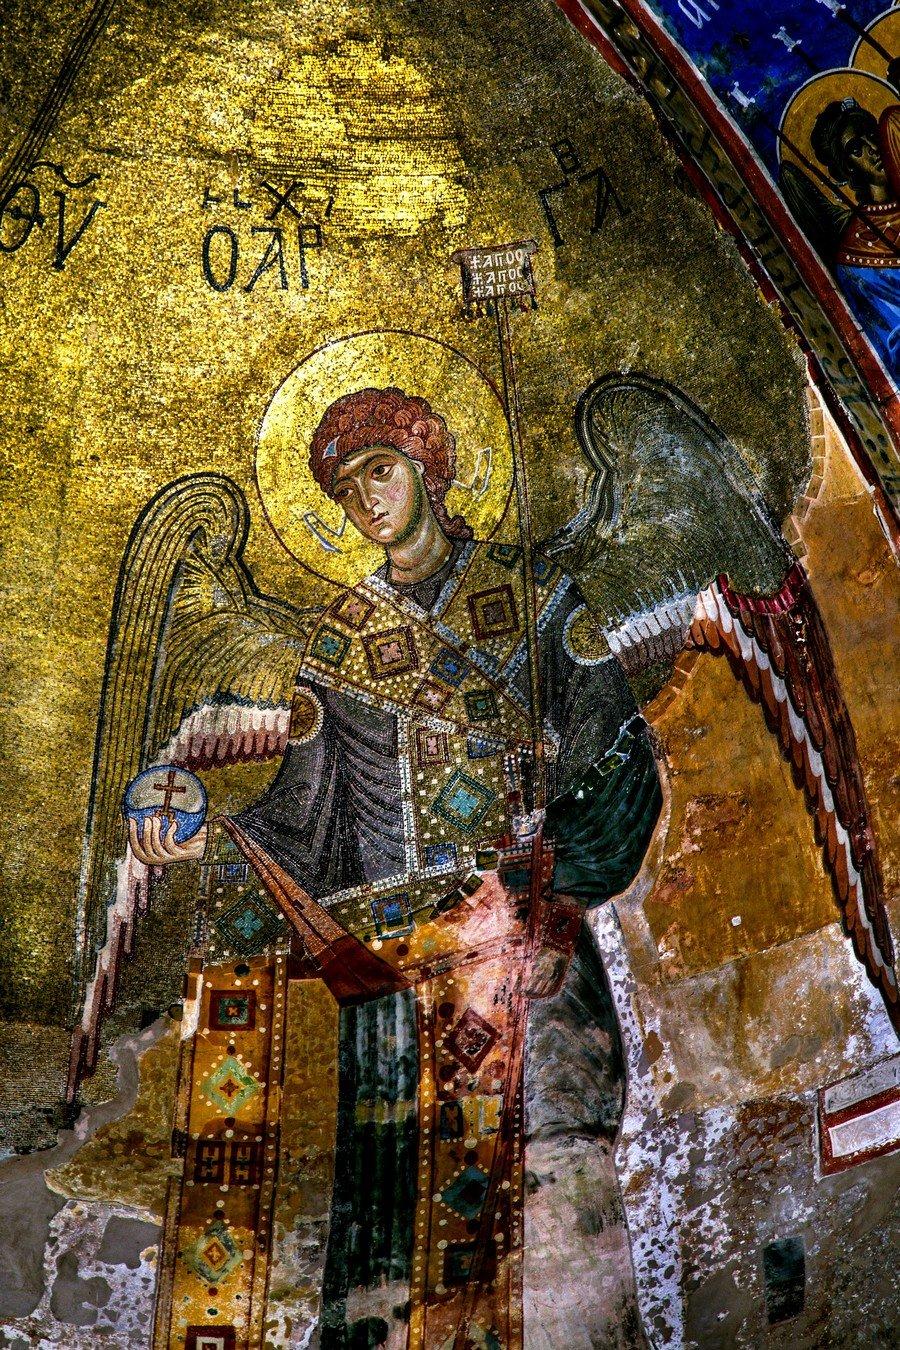 Богоматерь Никопея с предстоящими Архангелами Михаилом и Гавриилом. Мозаика собора Рождества Пресвятой Богородицы в монастыре Гелати, Грузия. Около 1130 года. Фрагмент. Архангел Гавриил.